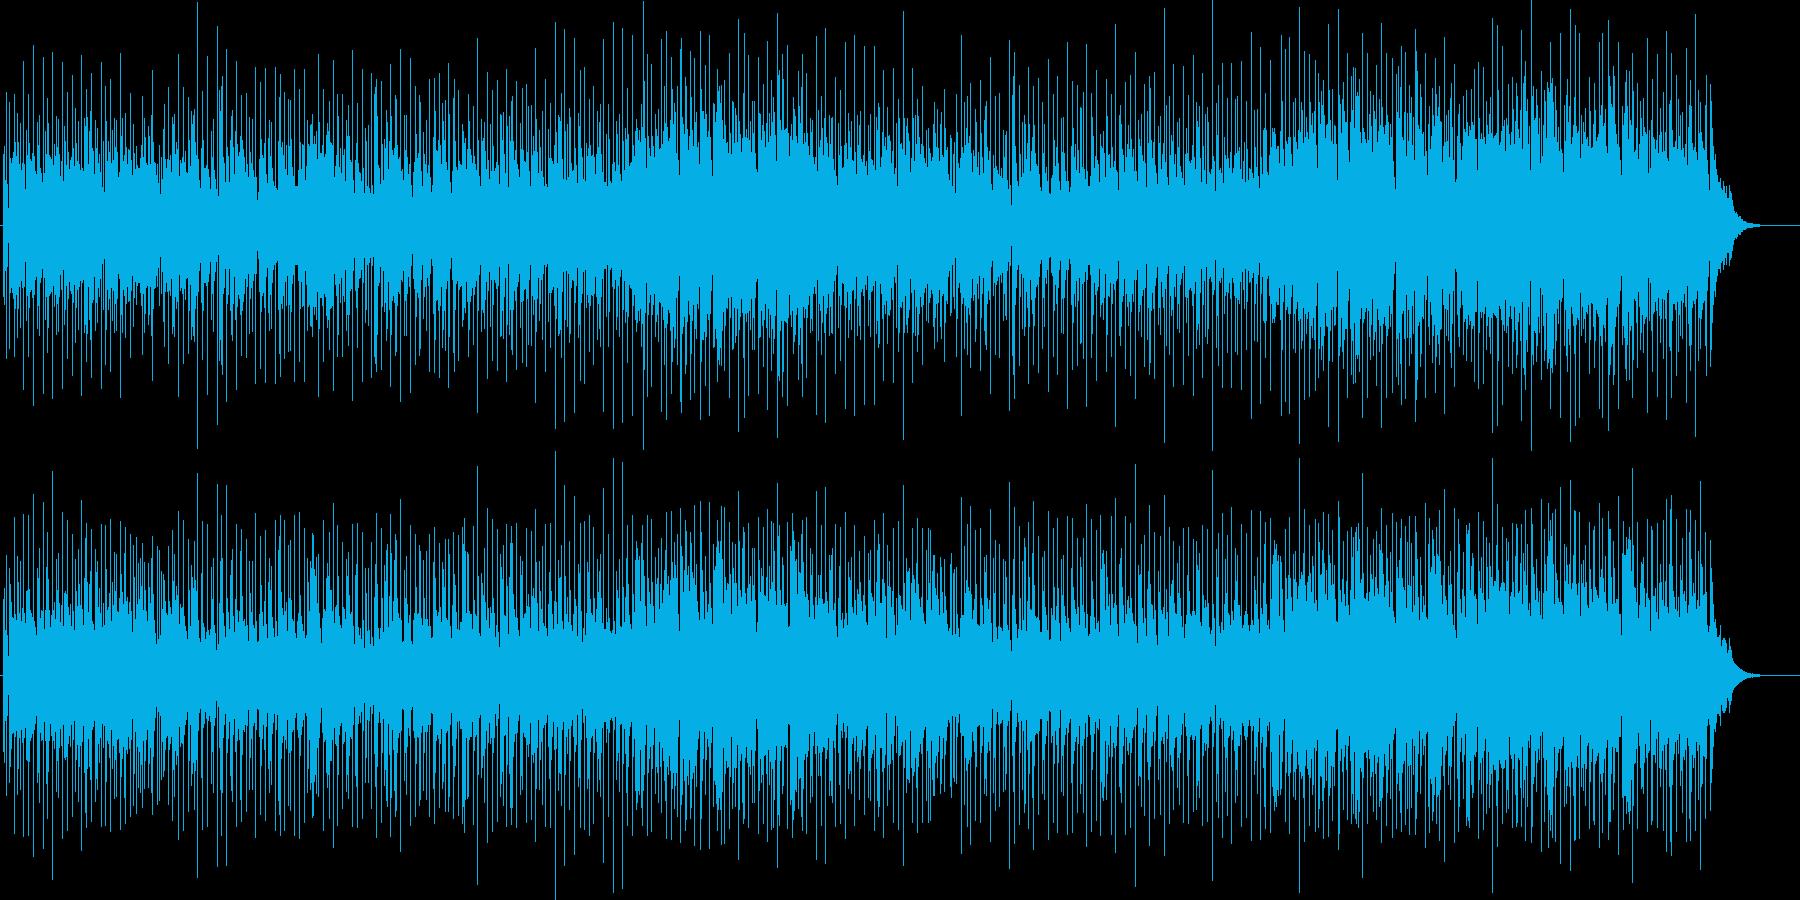 フレキシブルなミディアム・フュージョンの再生済みの波形